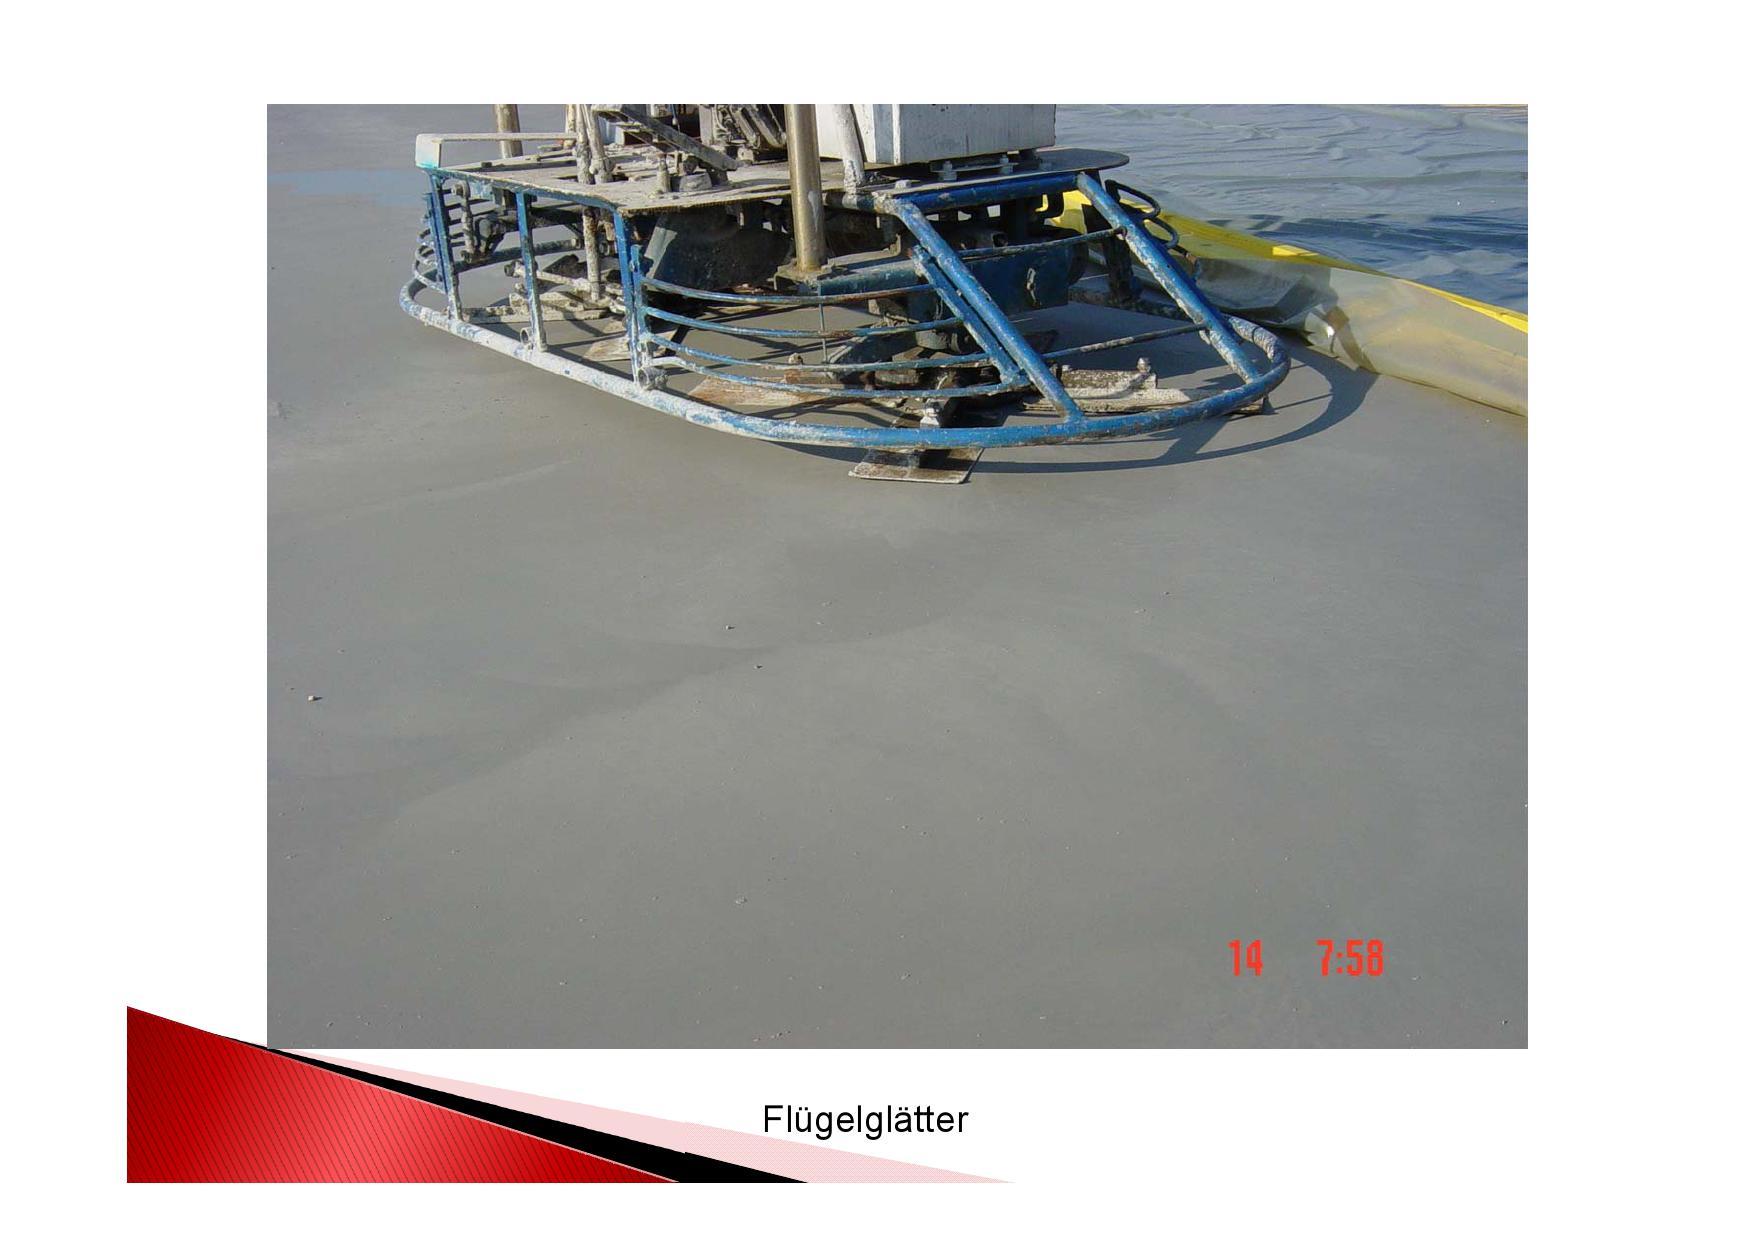 Bild Industrieboden Herstellung: Betonboden in einer Industriehalle mit Flügelglätter glätten